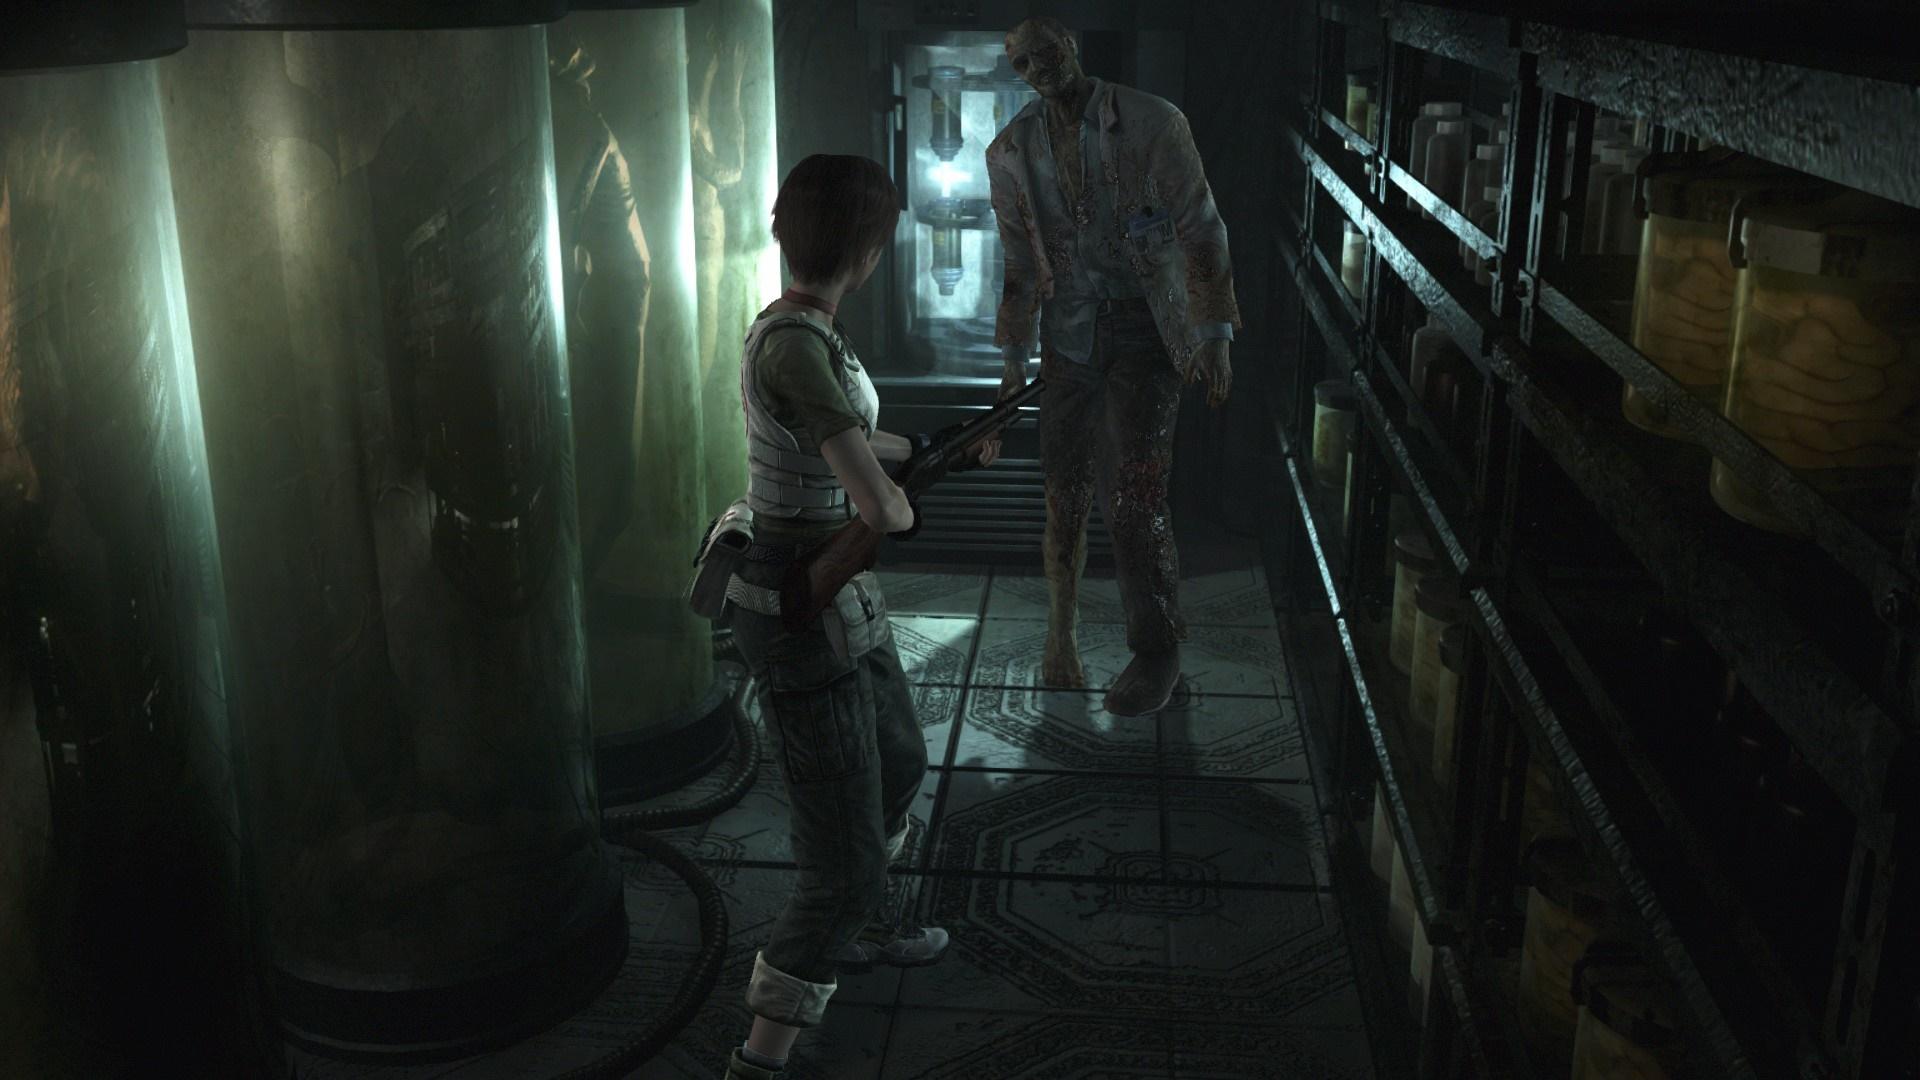 Criaturas Estranhas caras DAO Como EM Vídeo de Resident Evil 0 HD Pará Uma TGS